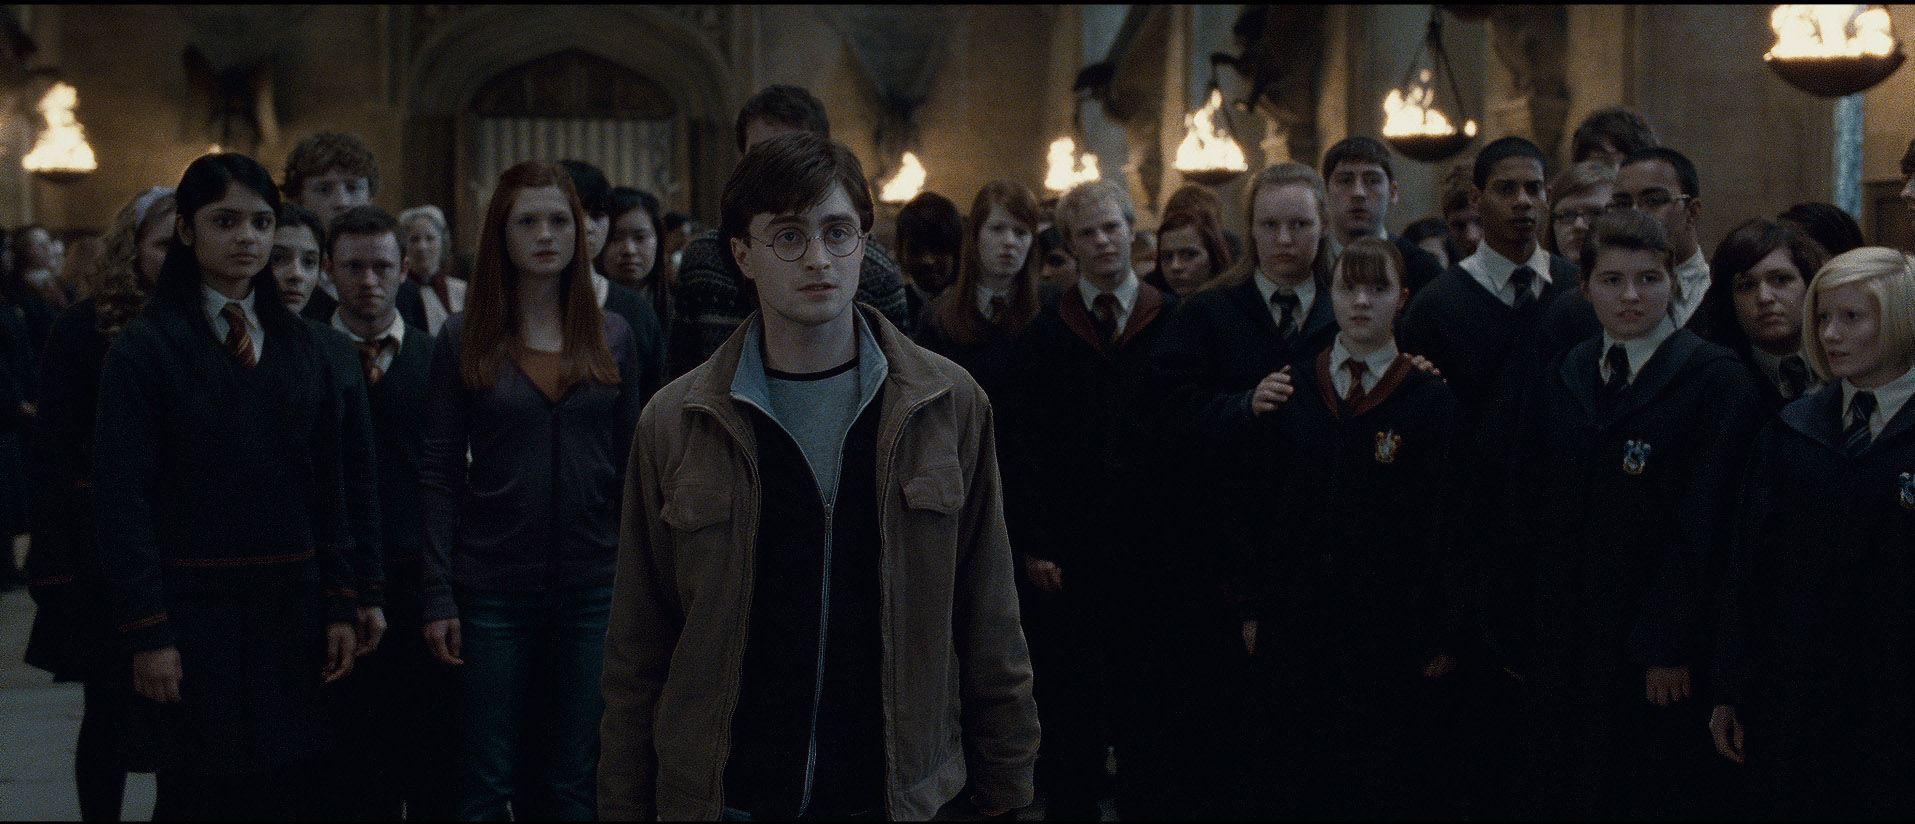 кадры из фильма Гарри Поттер и Дары Смерти: Часть вторая Девон Мюррей, Бонни Райт, Дэниэл Рэдклифф,